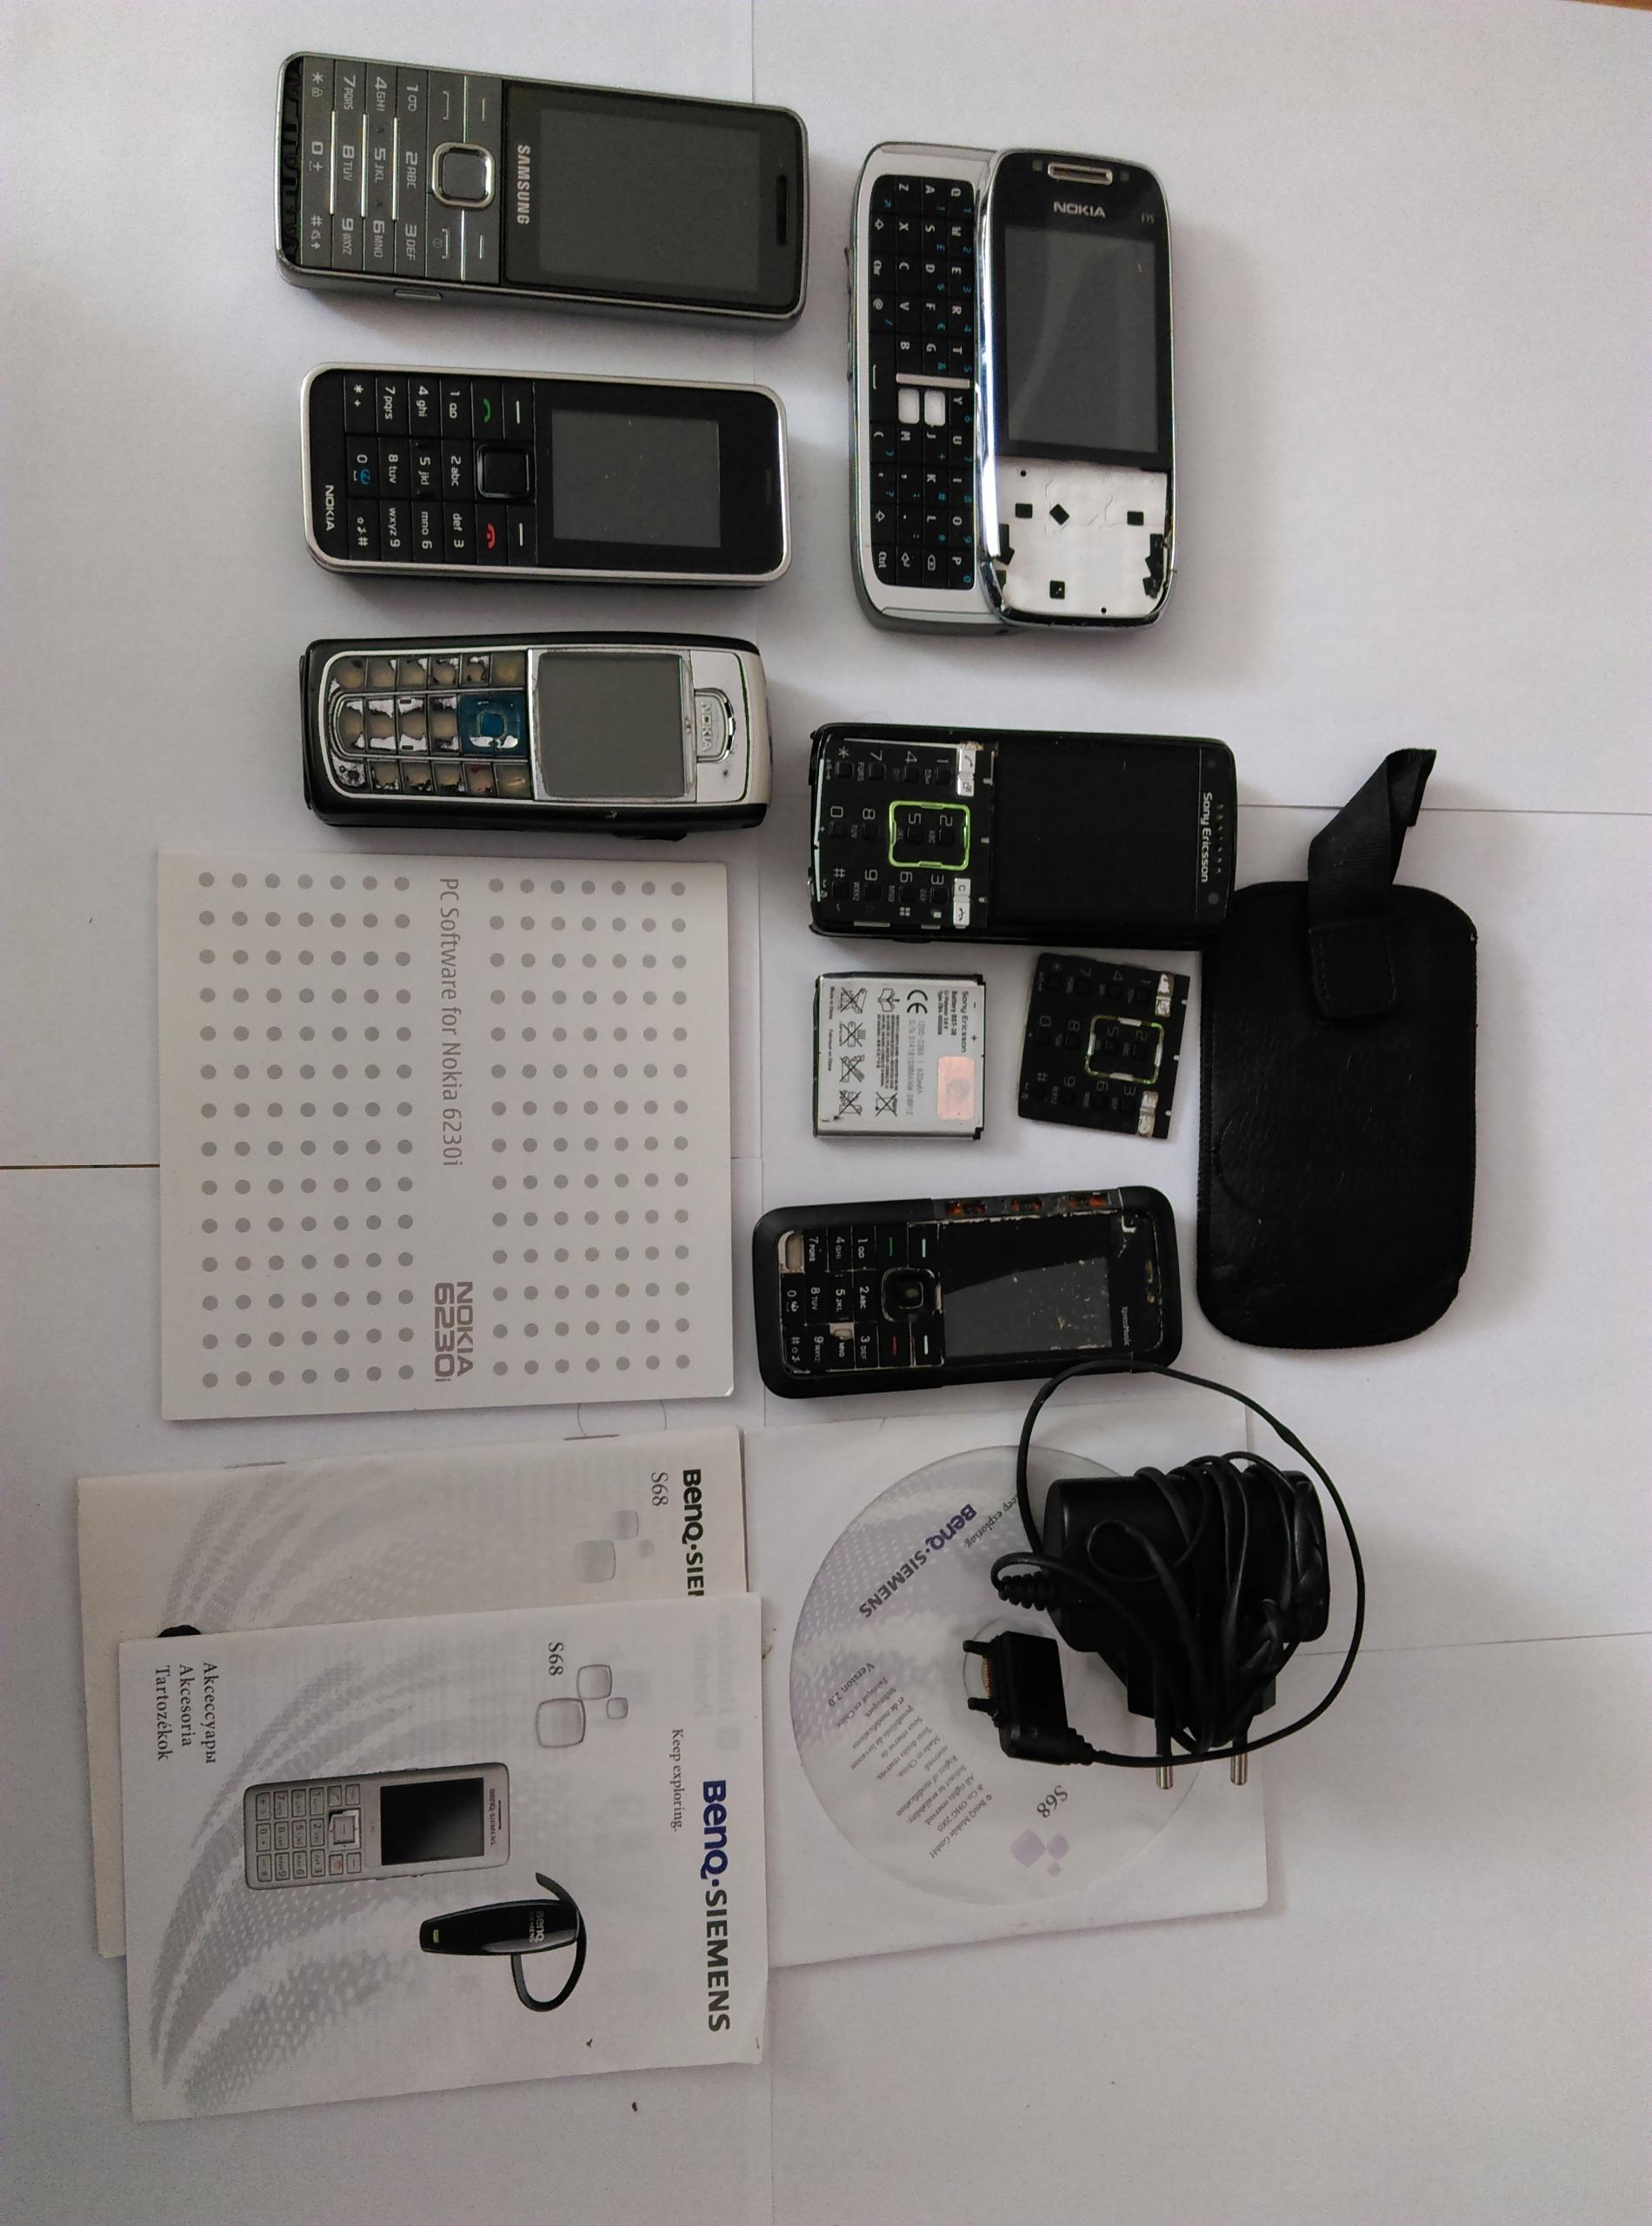 Zestaw telefonów, części,złom